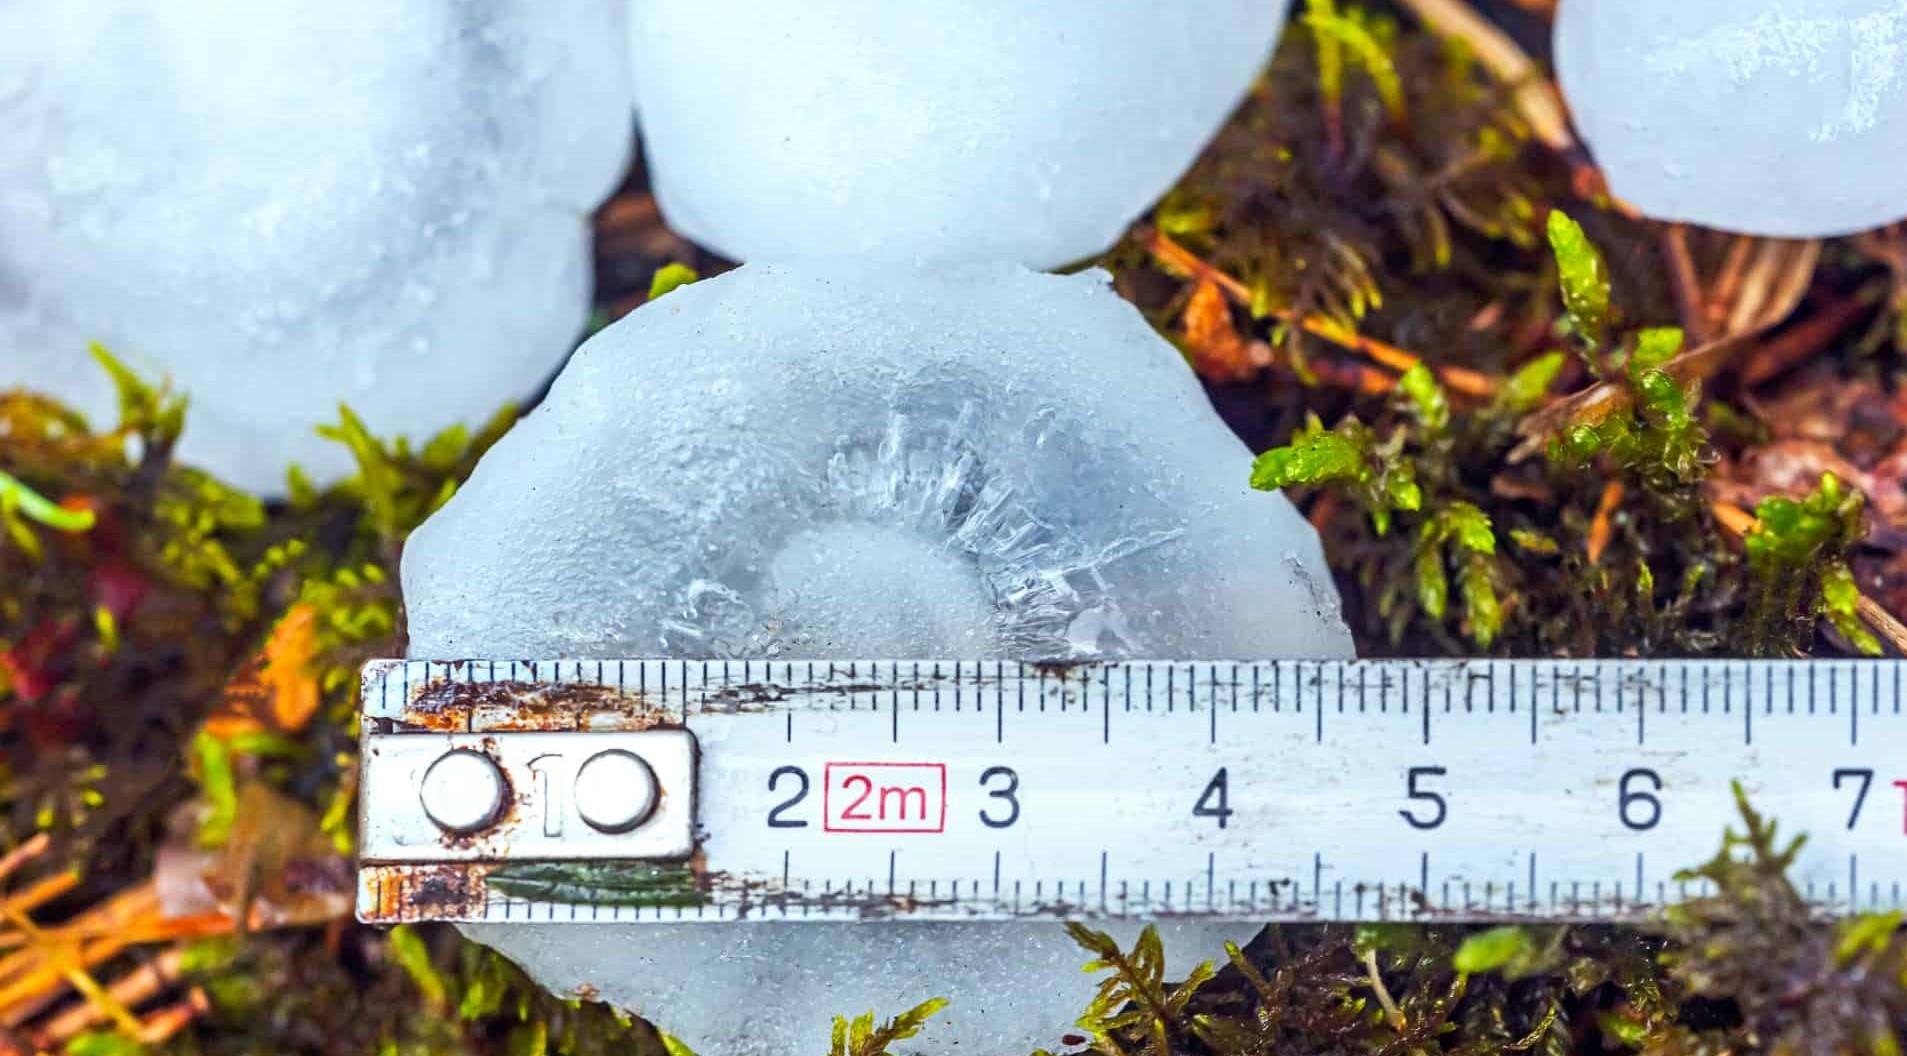 Hail Damage Roof Insurance Claim Tips